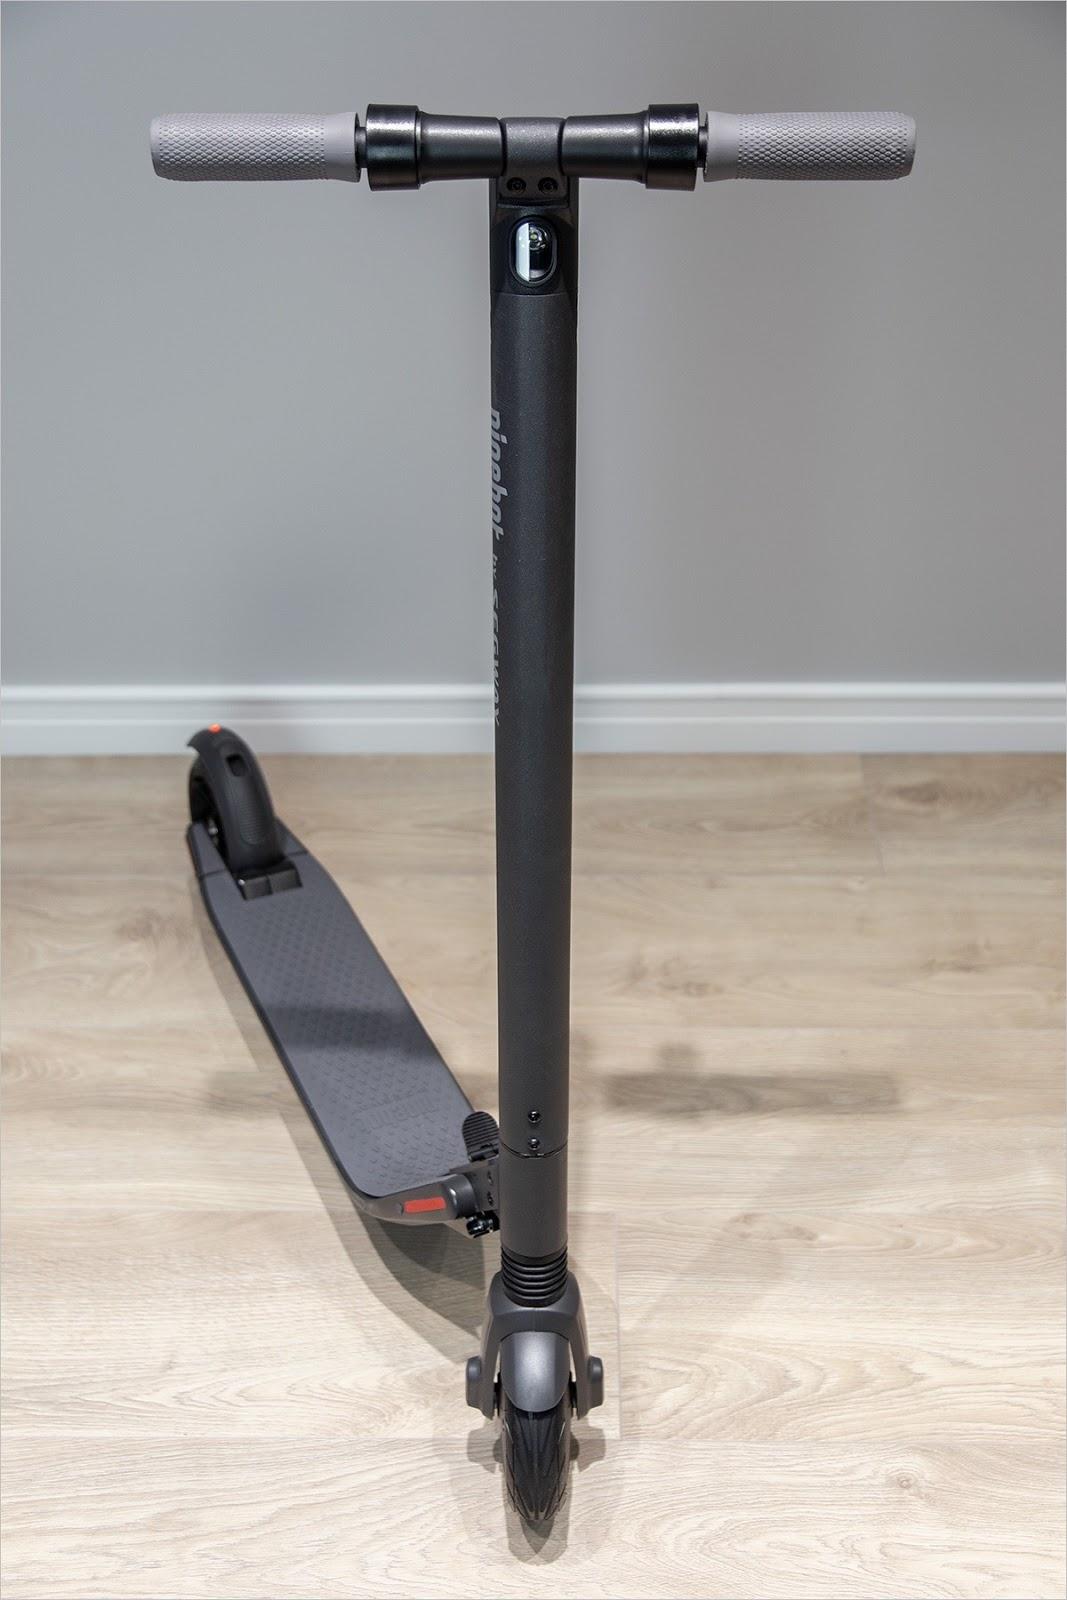 Роллс-ройс среди самокатов — Ninebot KickScooter ES4 by Segway - 15